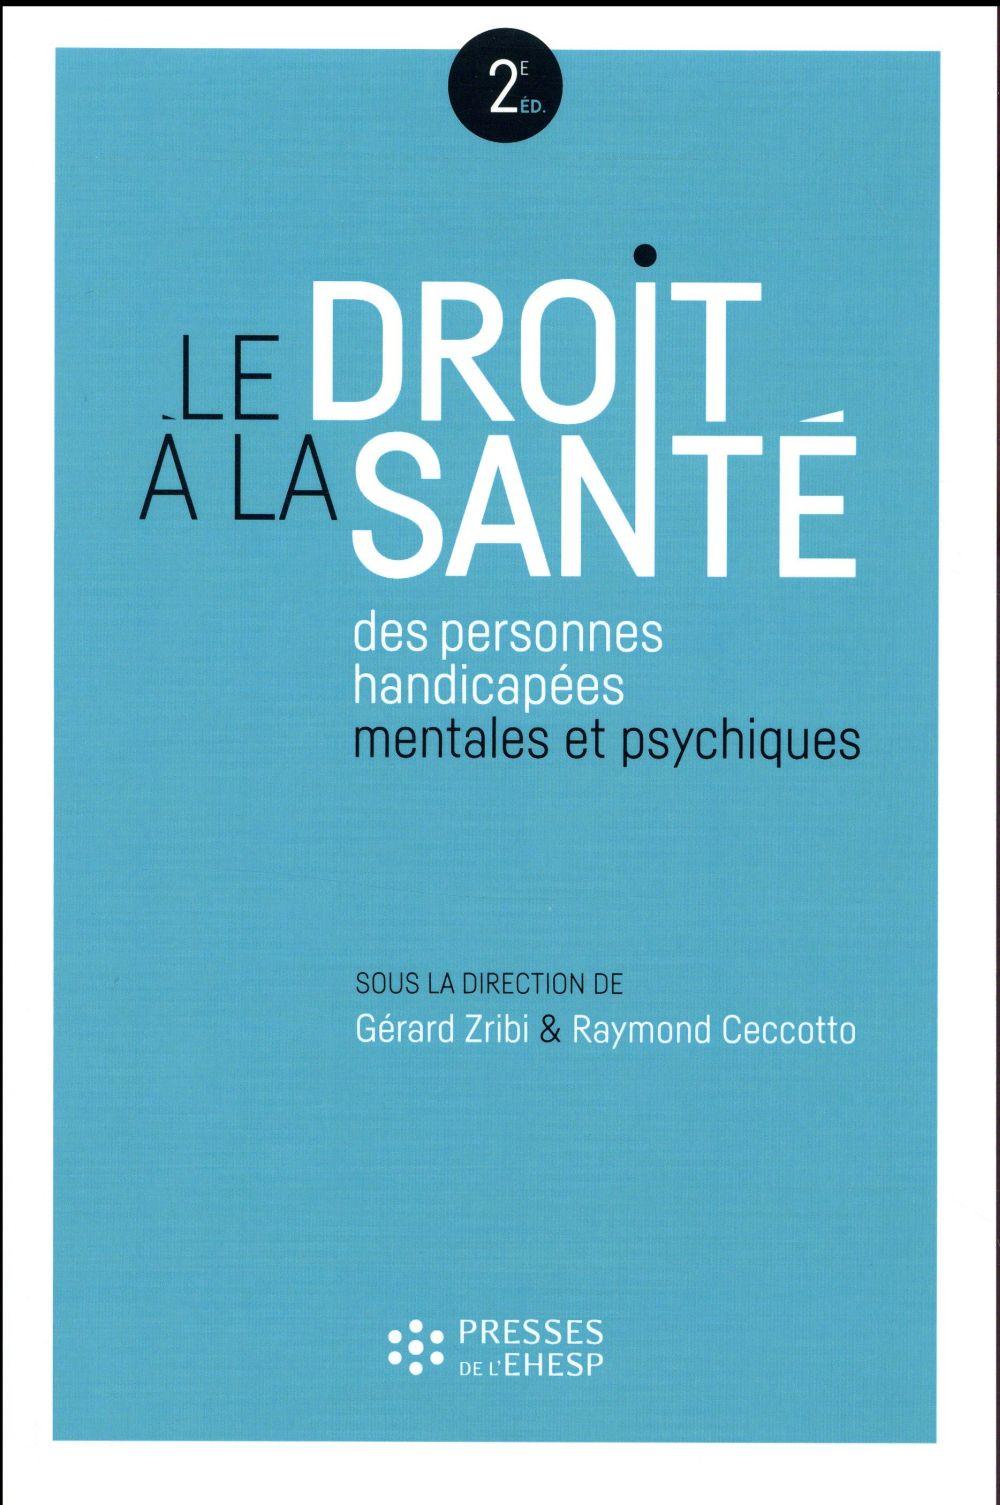 Le droit à la santé des personnes handicapées mentales et psychiques (2e édition)